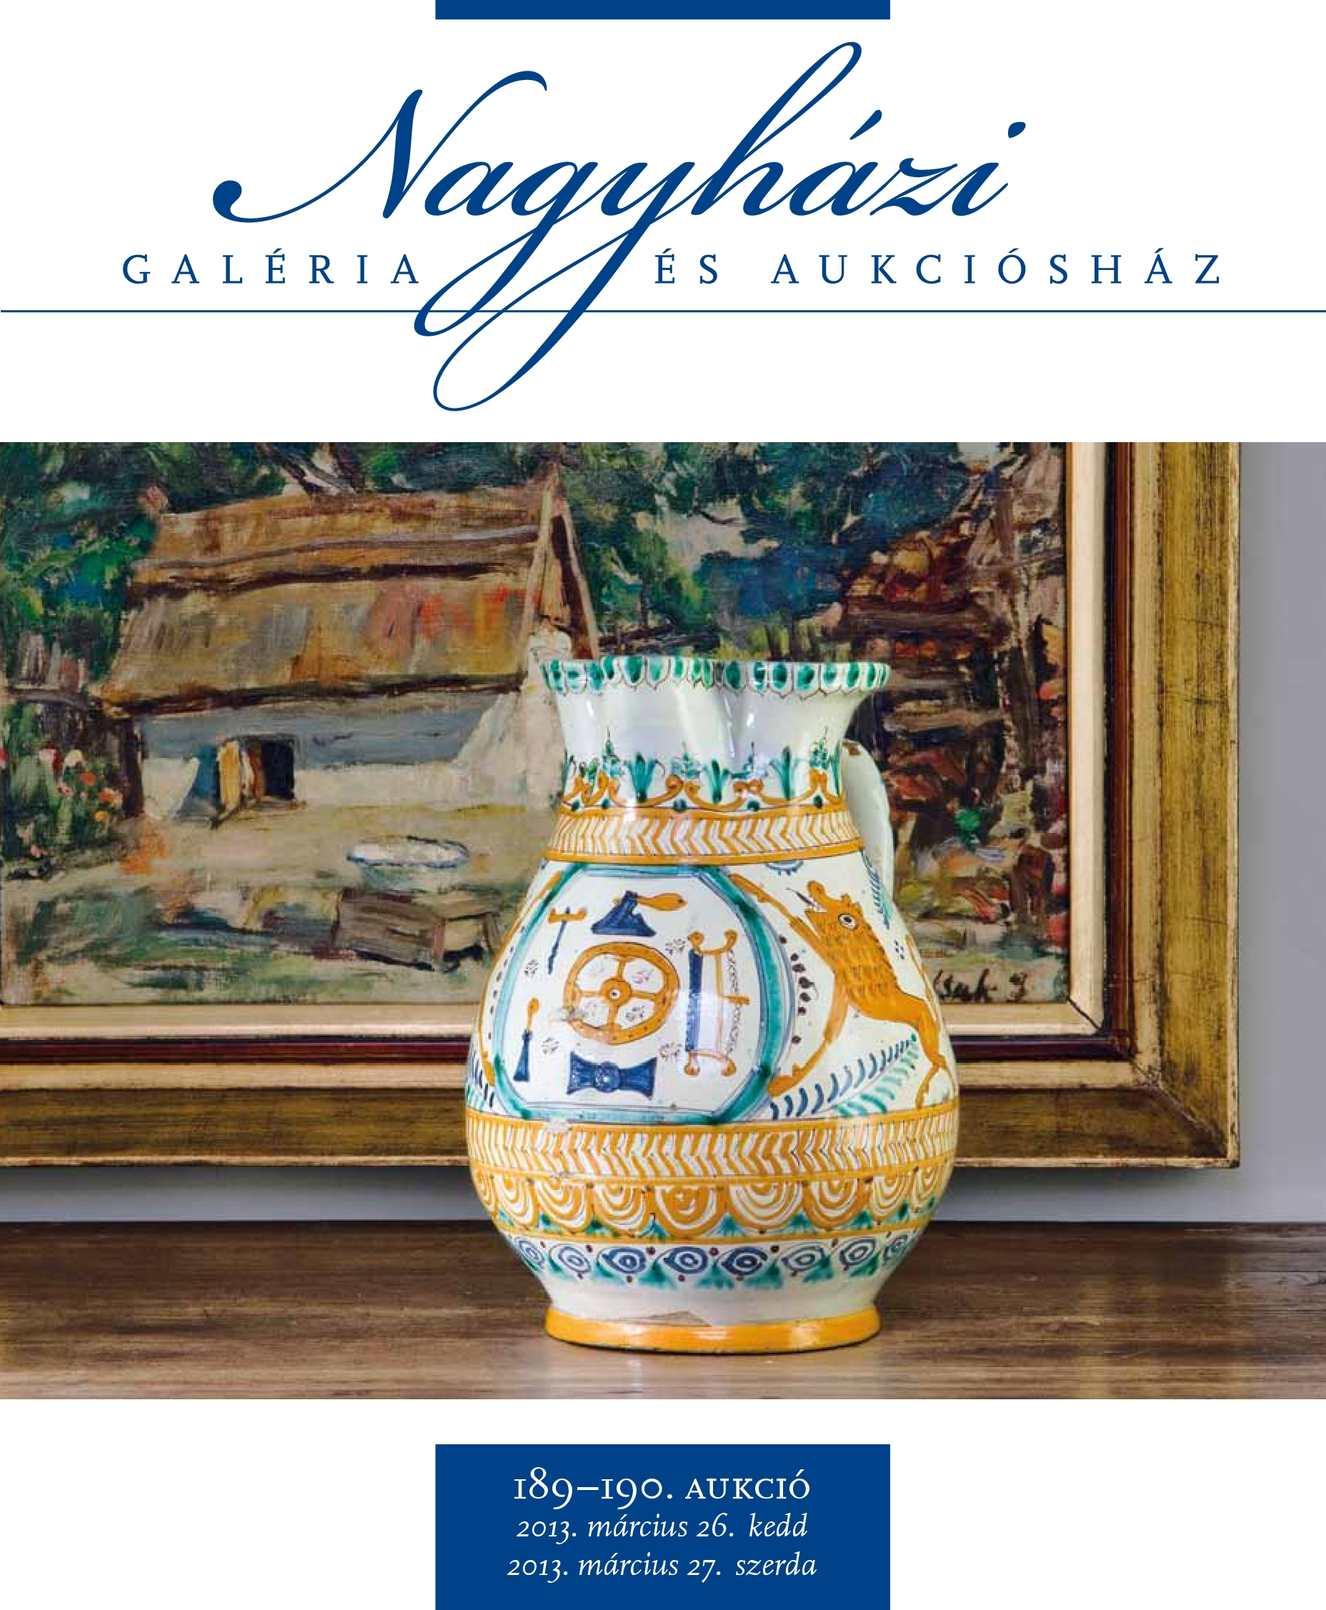 Nagyházi Galéria és Aukciósház – 189. és 190. aukció katalógusa